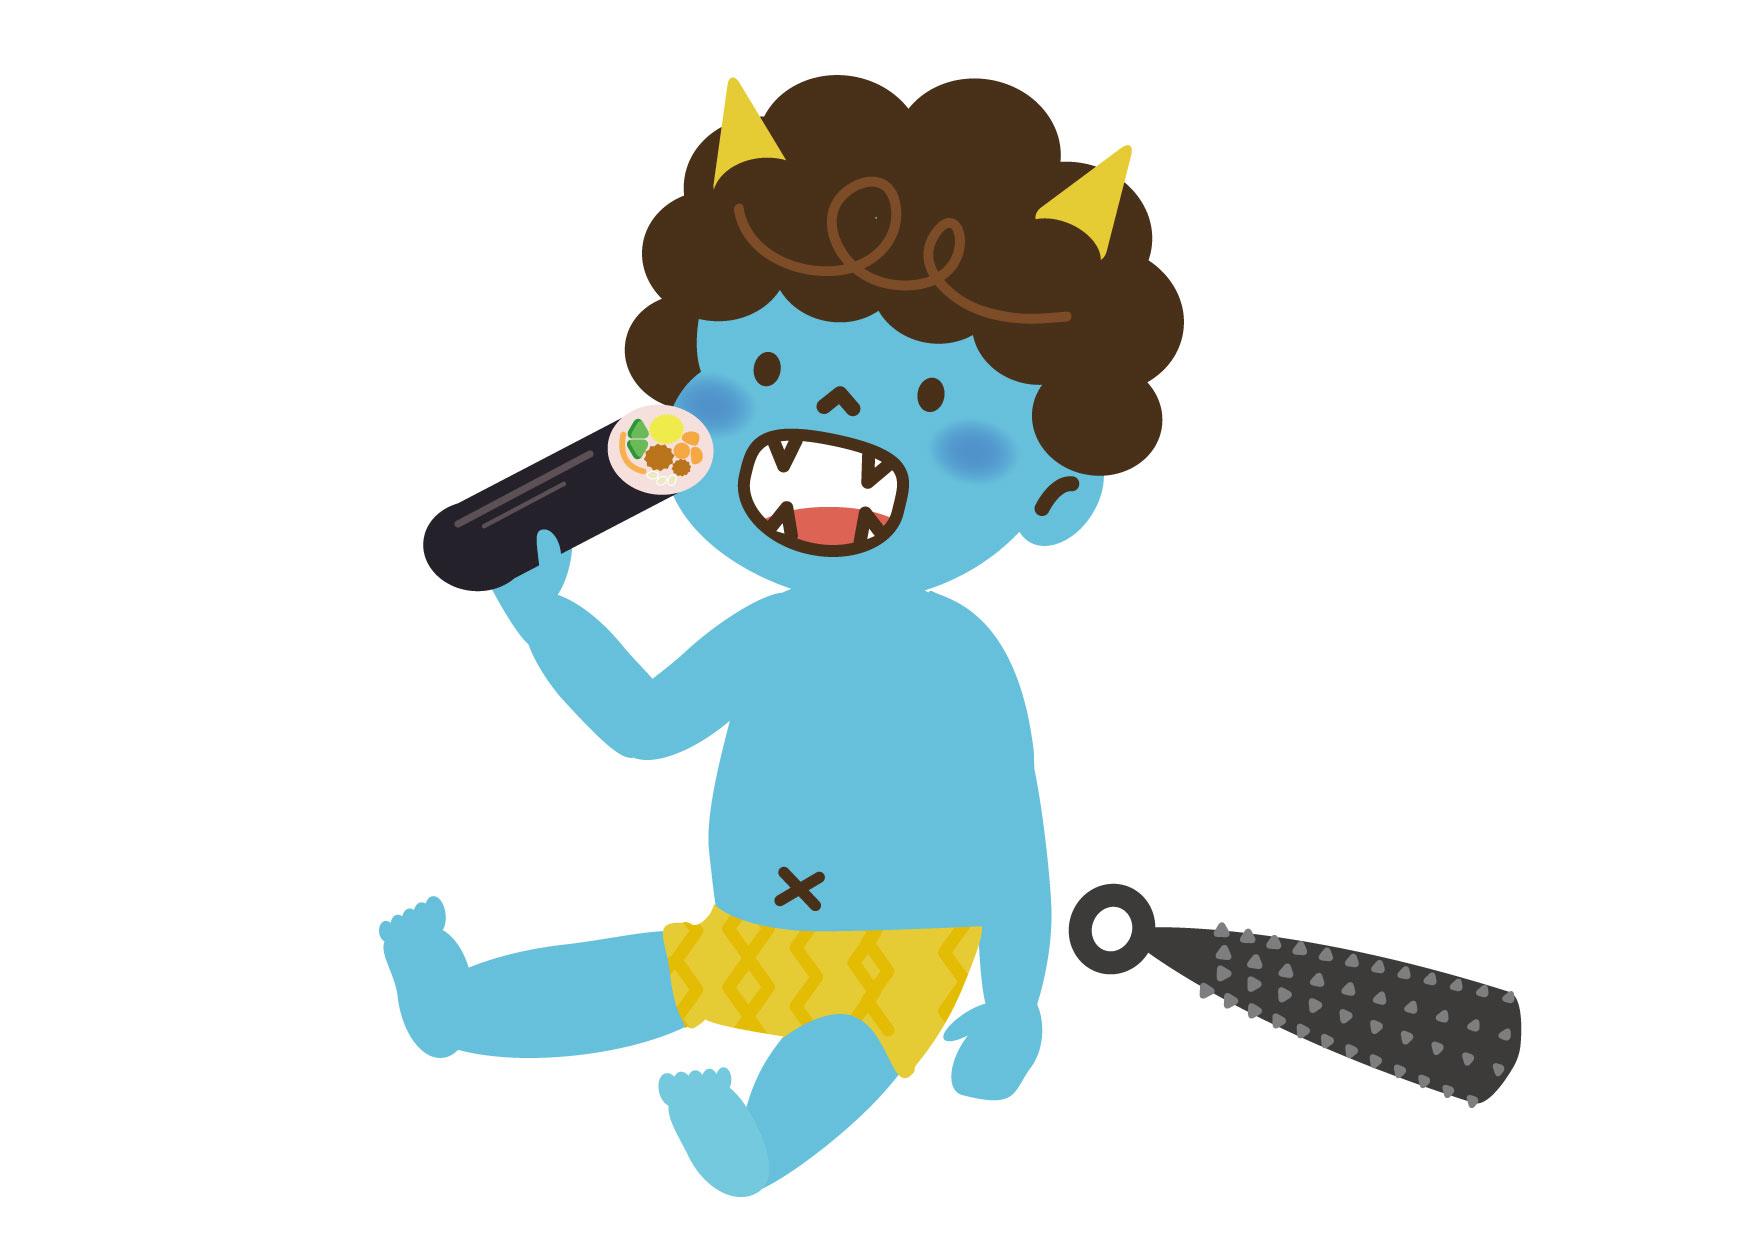 可愛いイラスト無料|節分 可愛い 青鬼 恵方巻き − free illustration Setsubun cute blue demon Ehomaki